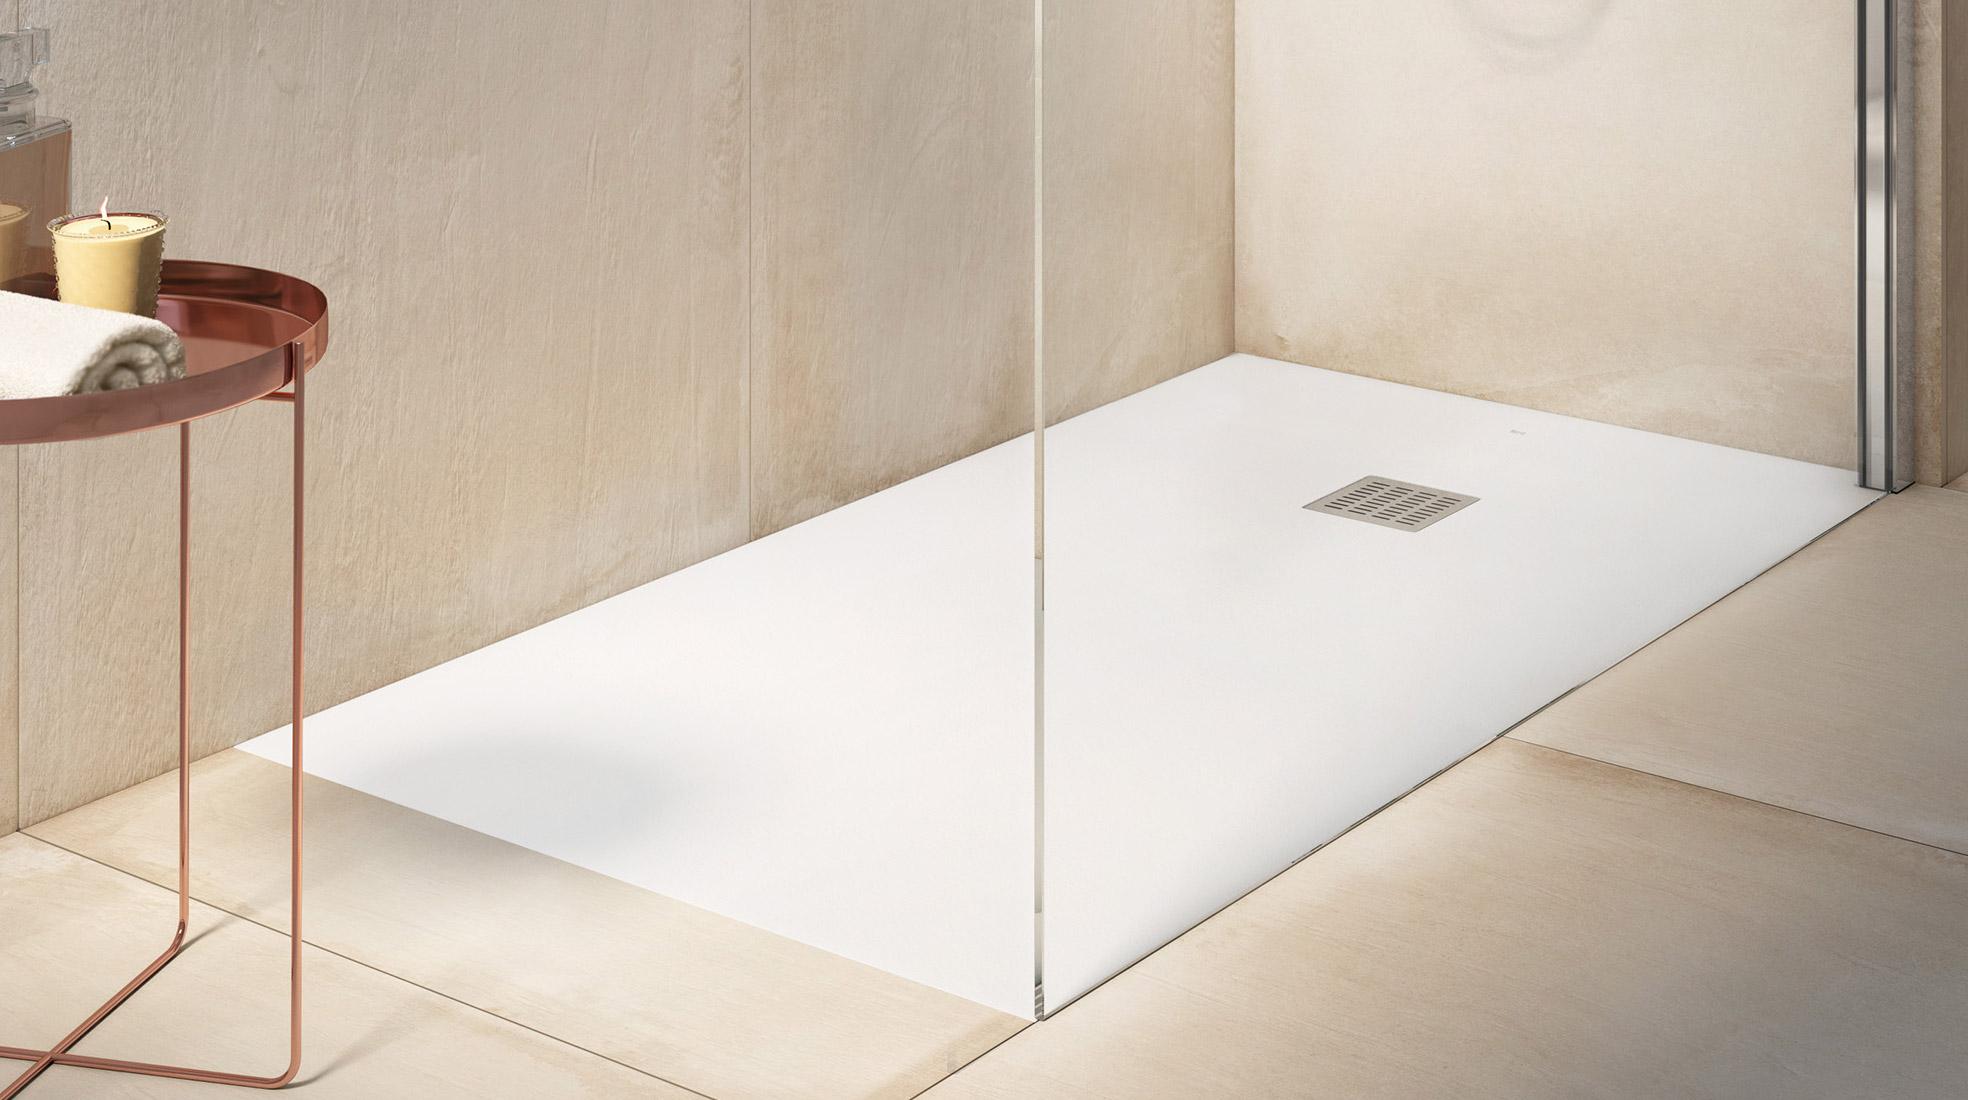 Platos de ducha que miran por ti roca life for Platos de ducha antideslizantes roca